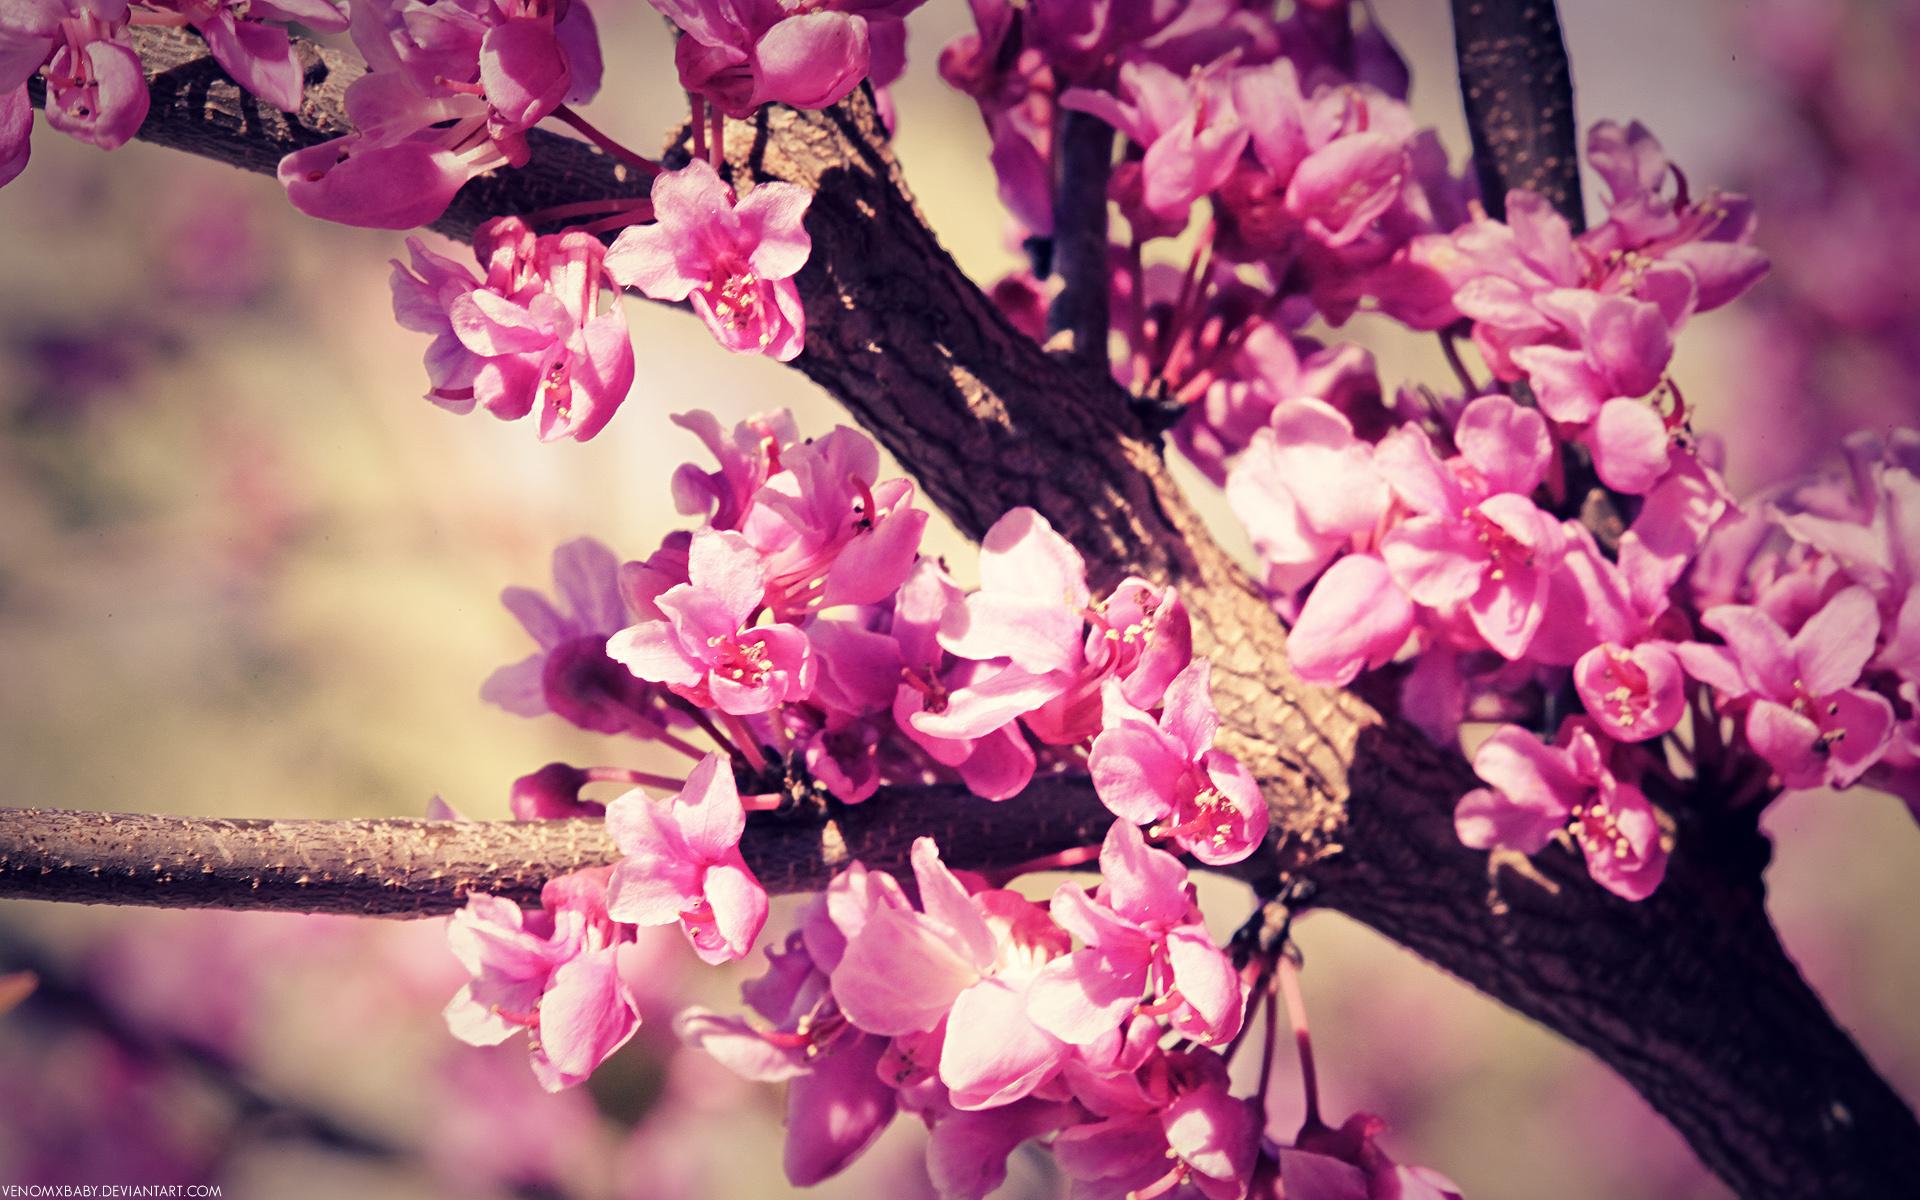 Картинки на телефон с розовыми цветами